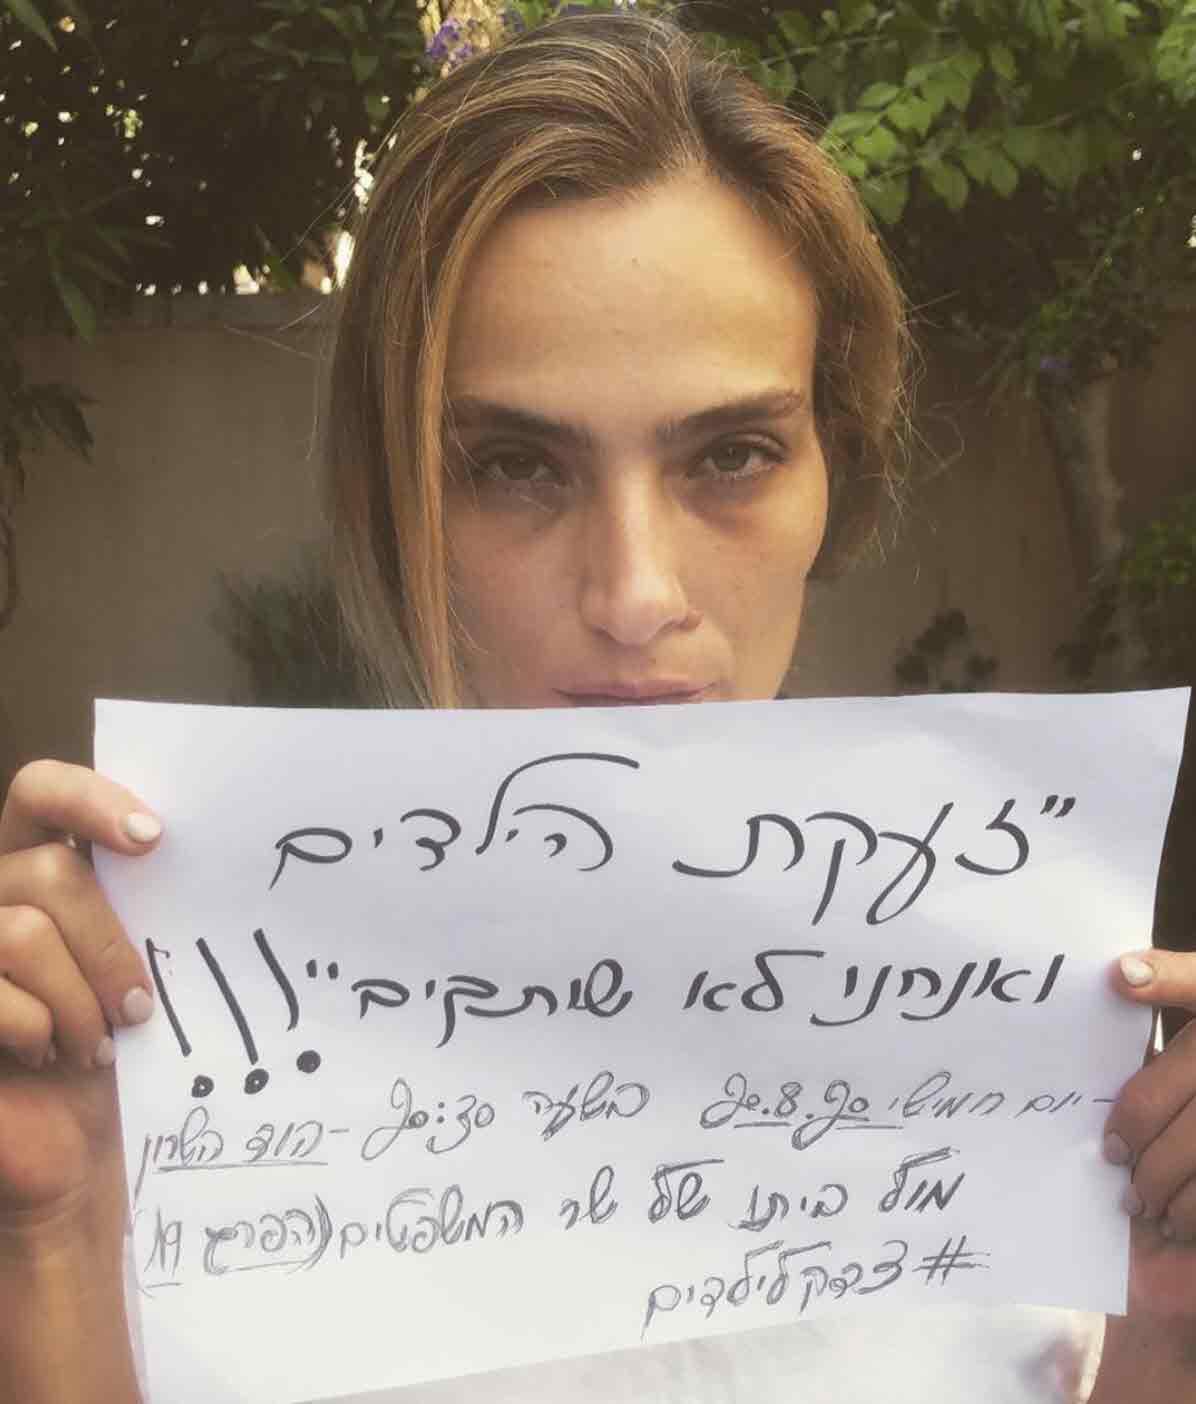 אילנית לוי שוברת שתיקה: הפוסט החריף שלה שקורא לבוא להפגין!